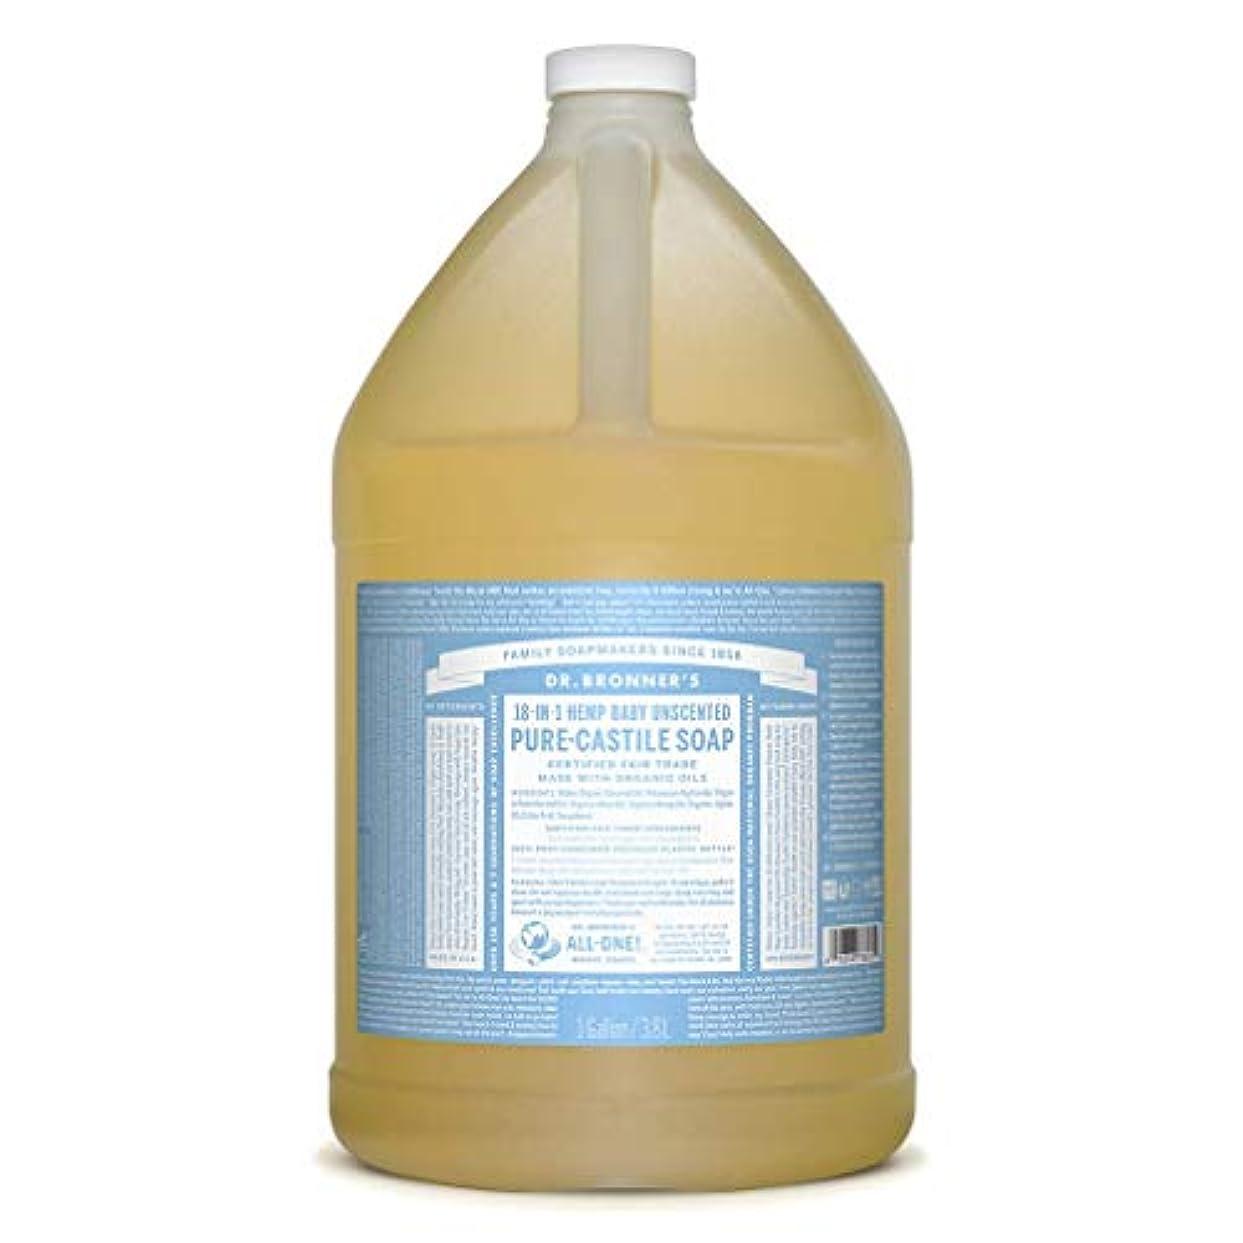 州契約した信者ドクターブロナー マジックソープ液体 ベビーマイルド 3785ml